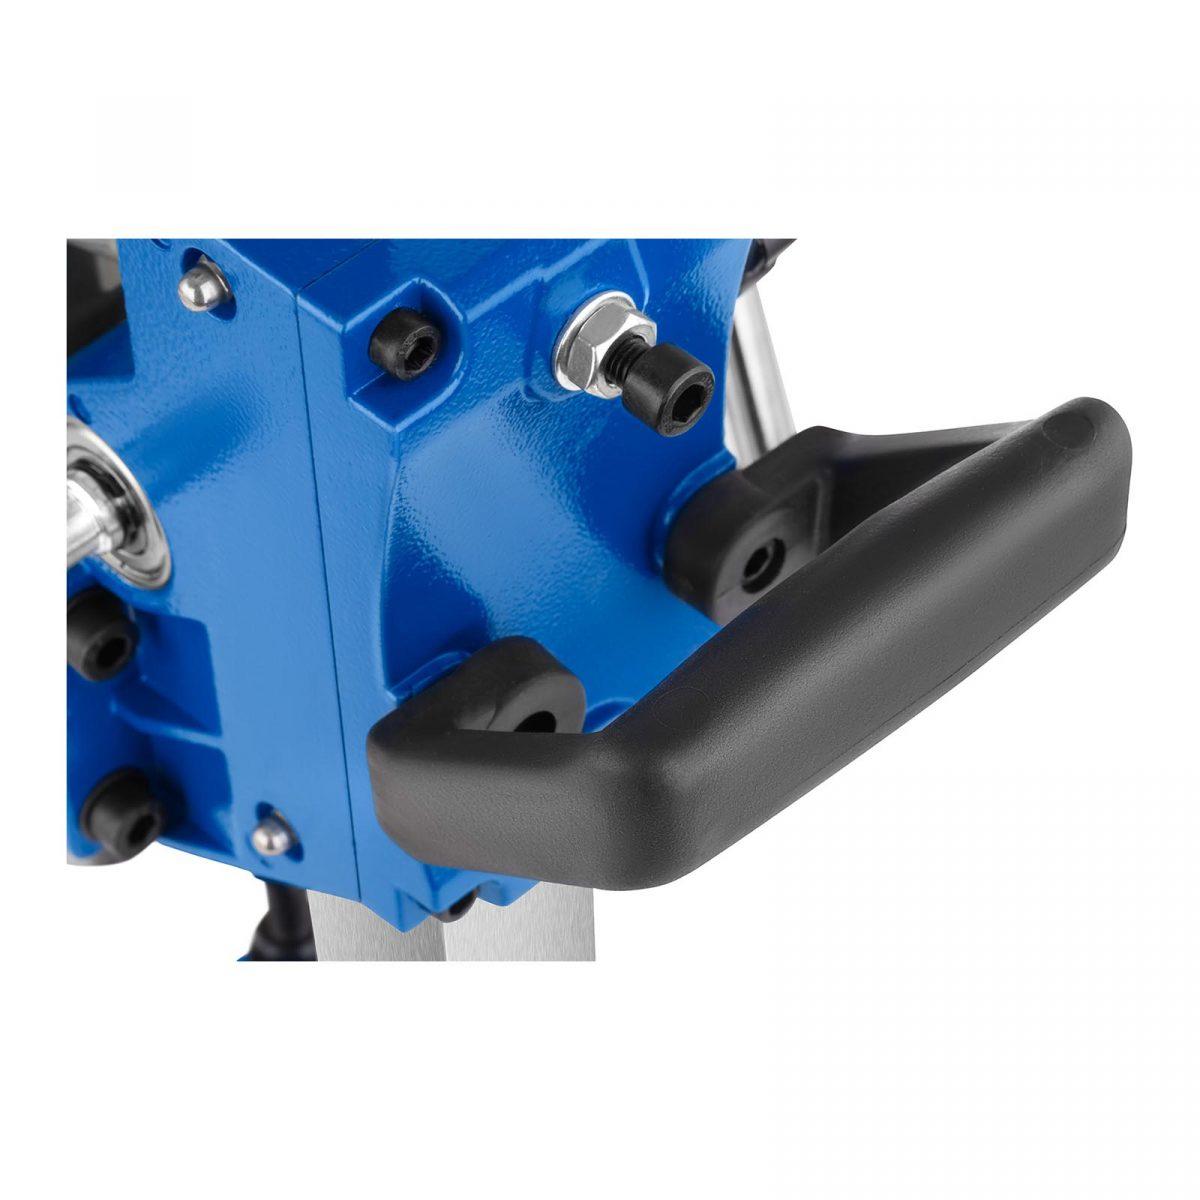 Číslo produktu: 10060437 Model: MSW-DDM152 Detaily produktu: Výkon: 2 880 W Počet otáčok 1 200 ot / min Max. priemer vŕtania 152 mm Stojanová a ručná jadrová vŕtačka Vrátane systému vodného chladenia